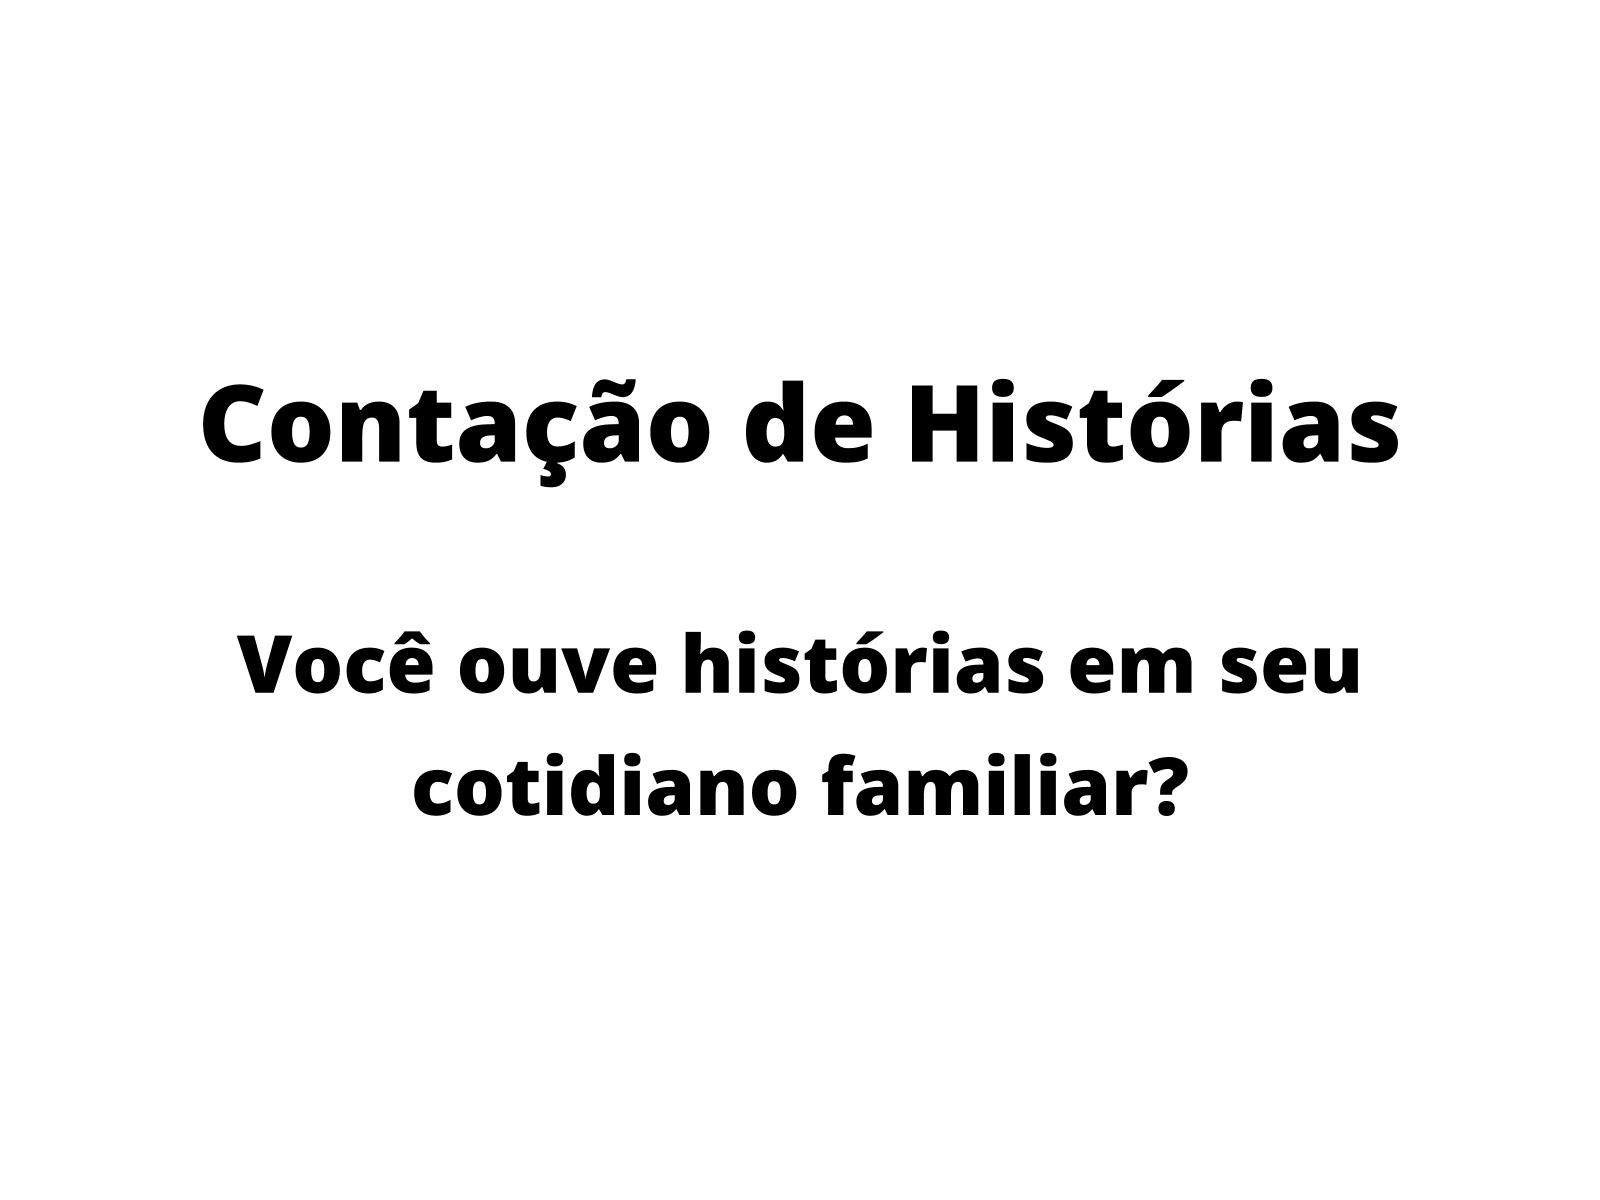 Contos Populares - Contação de histórias.